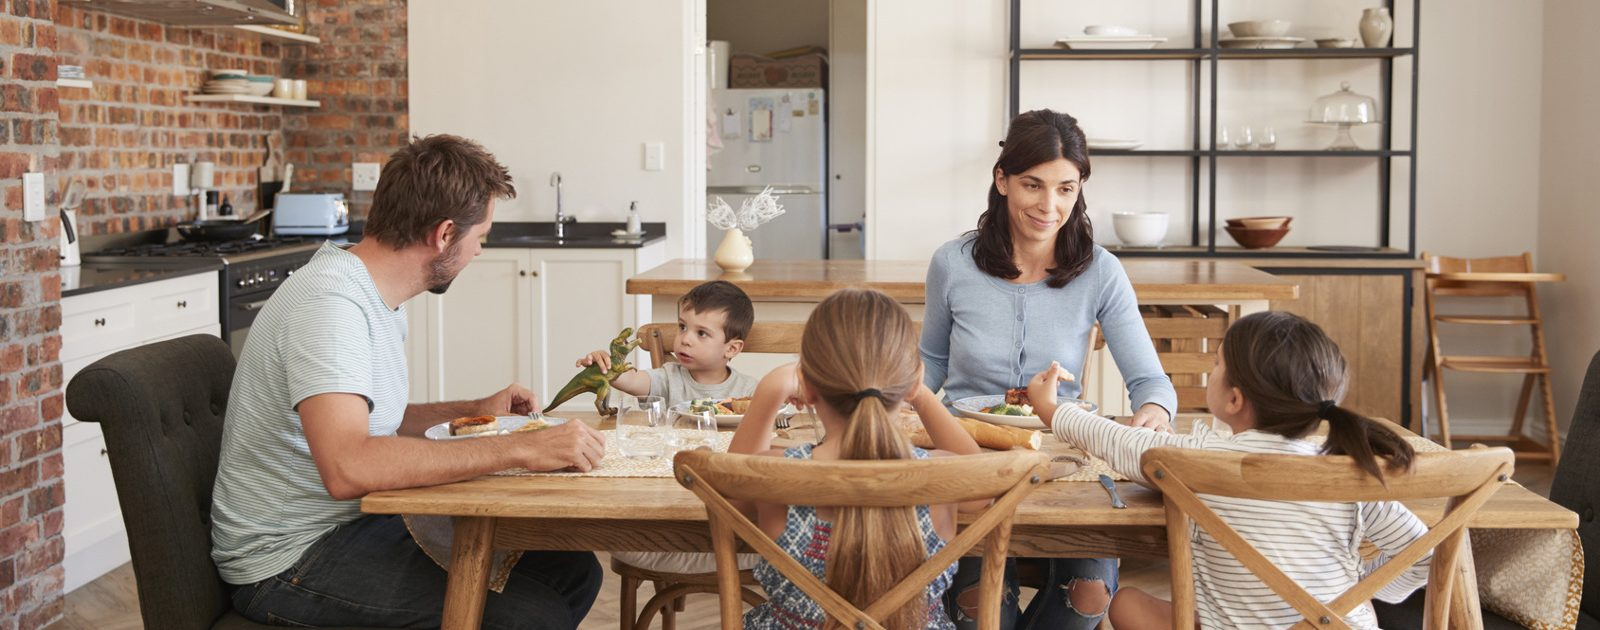 Familie beim Essen. Der Darm ist wichtig für die Verdauung, allerdings reagiert er empfindlich auf Stress oder falsche Ernährung